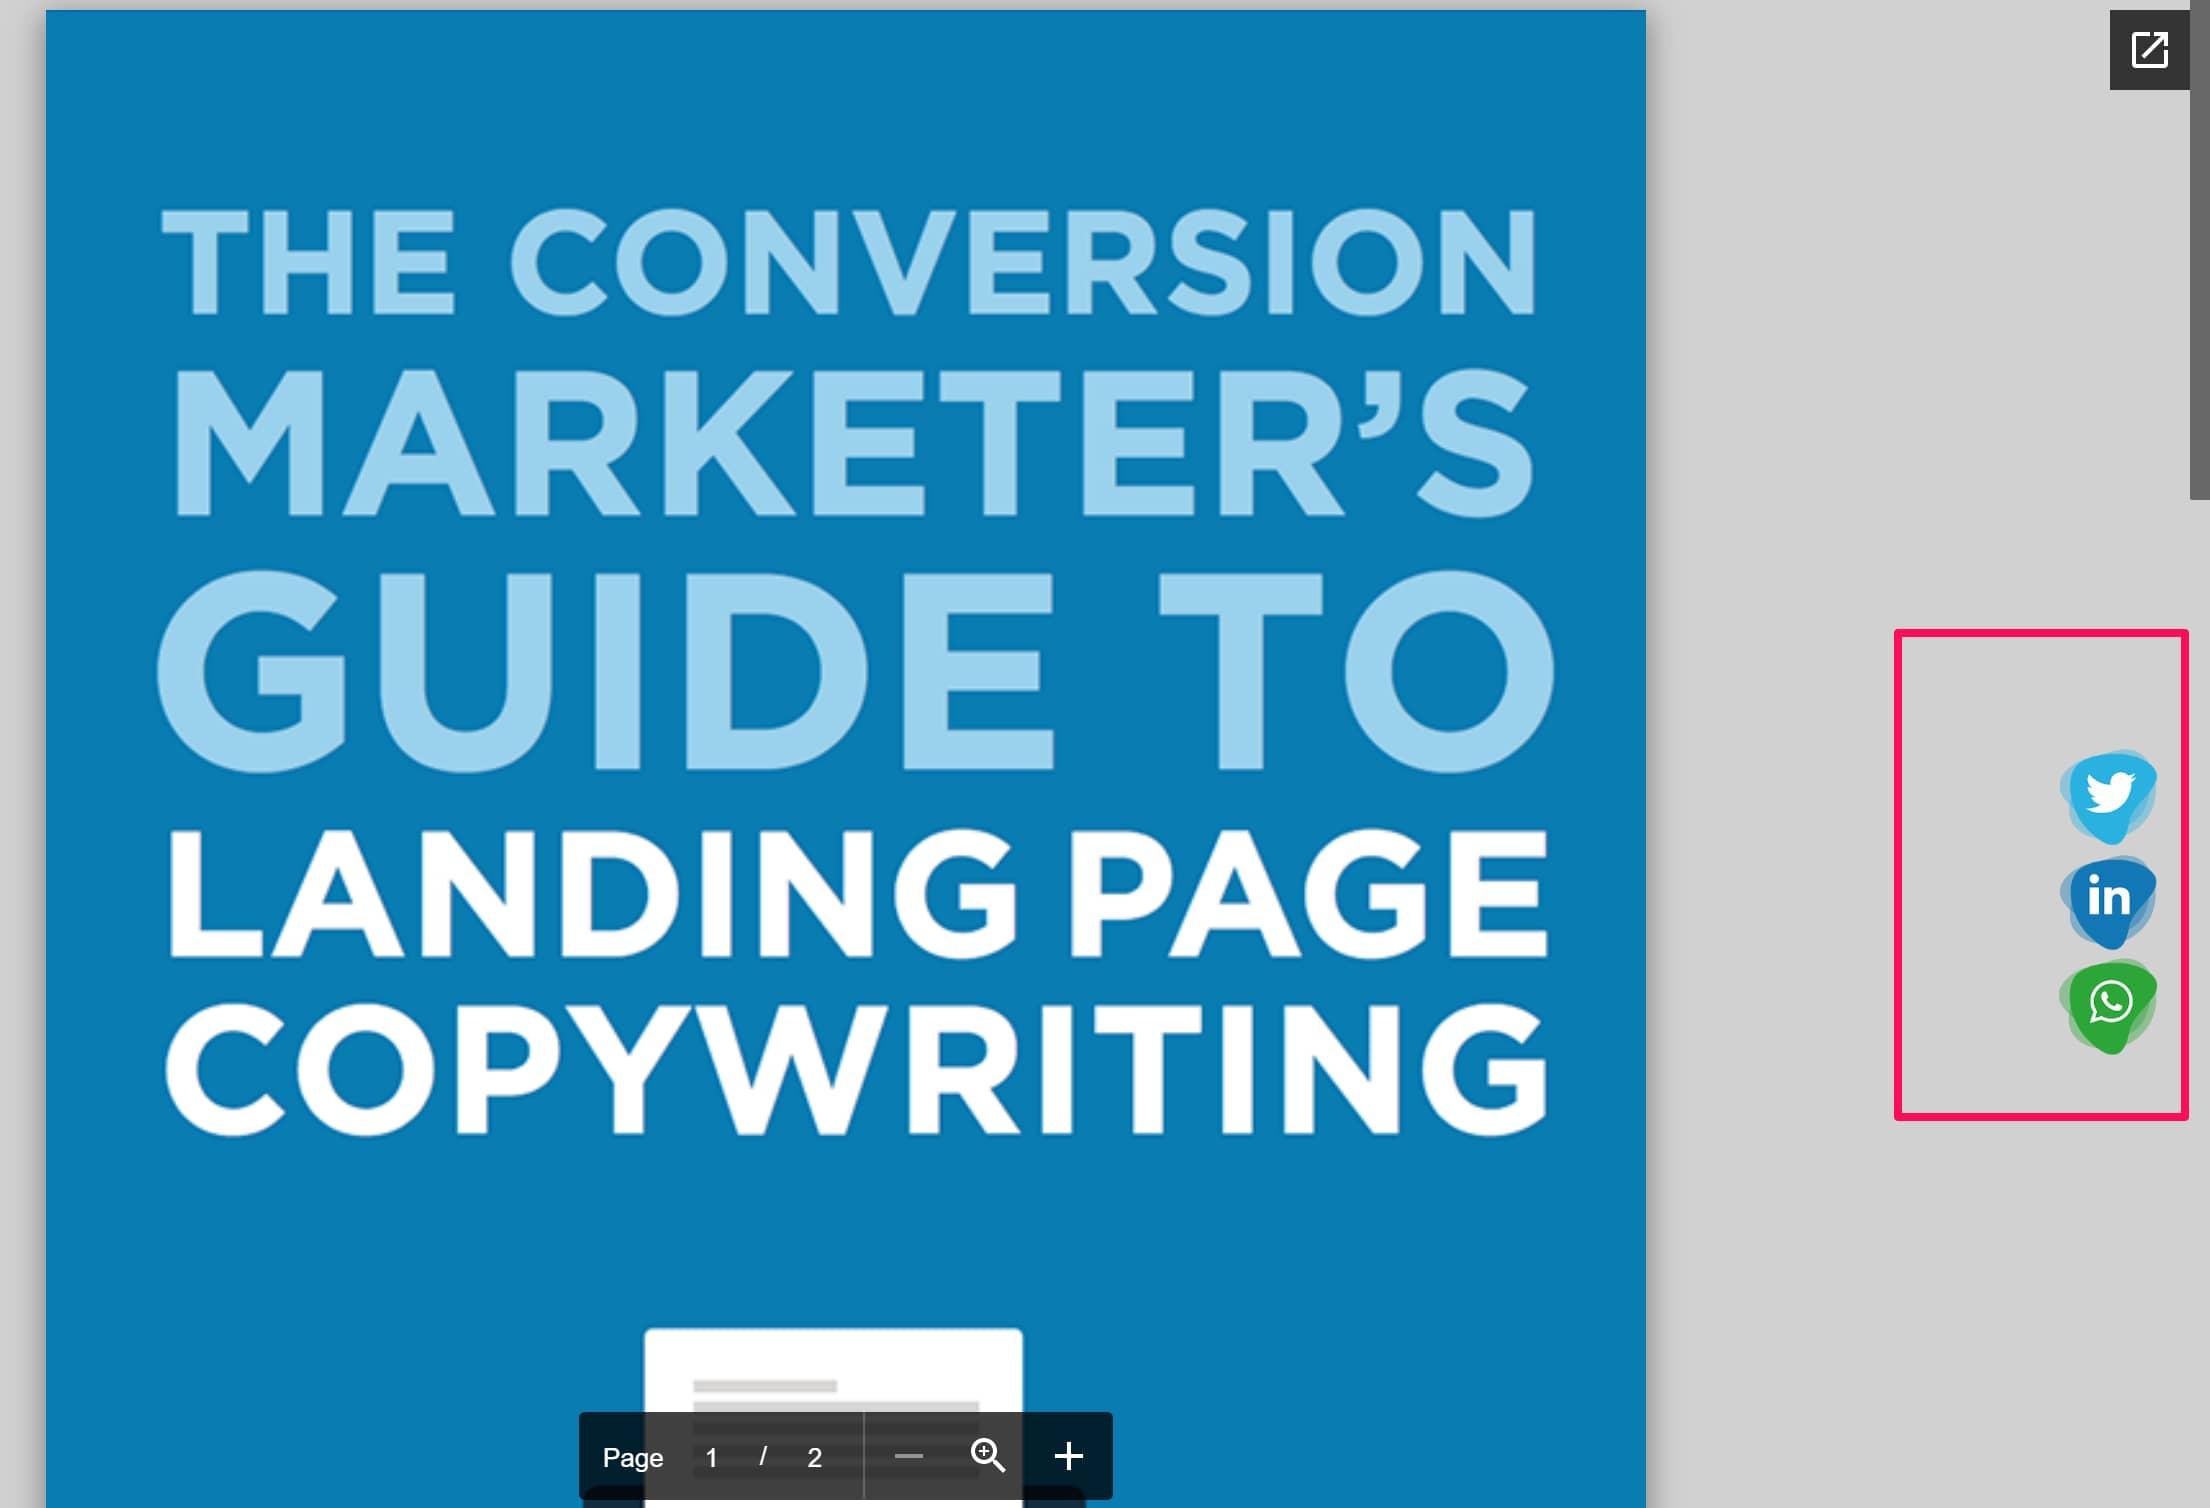 Como adicionar botões de partilha a um ebook, guia ou PDF (1)